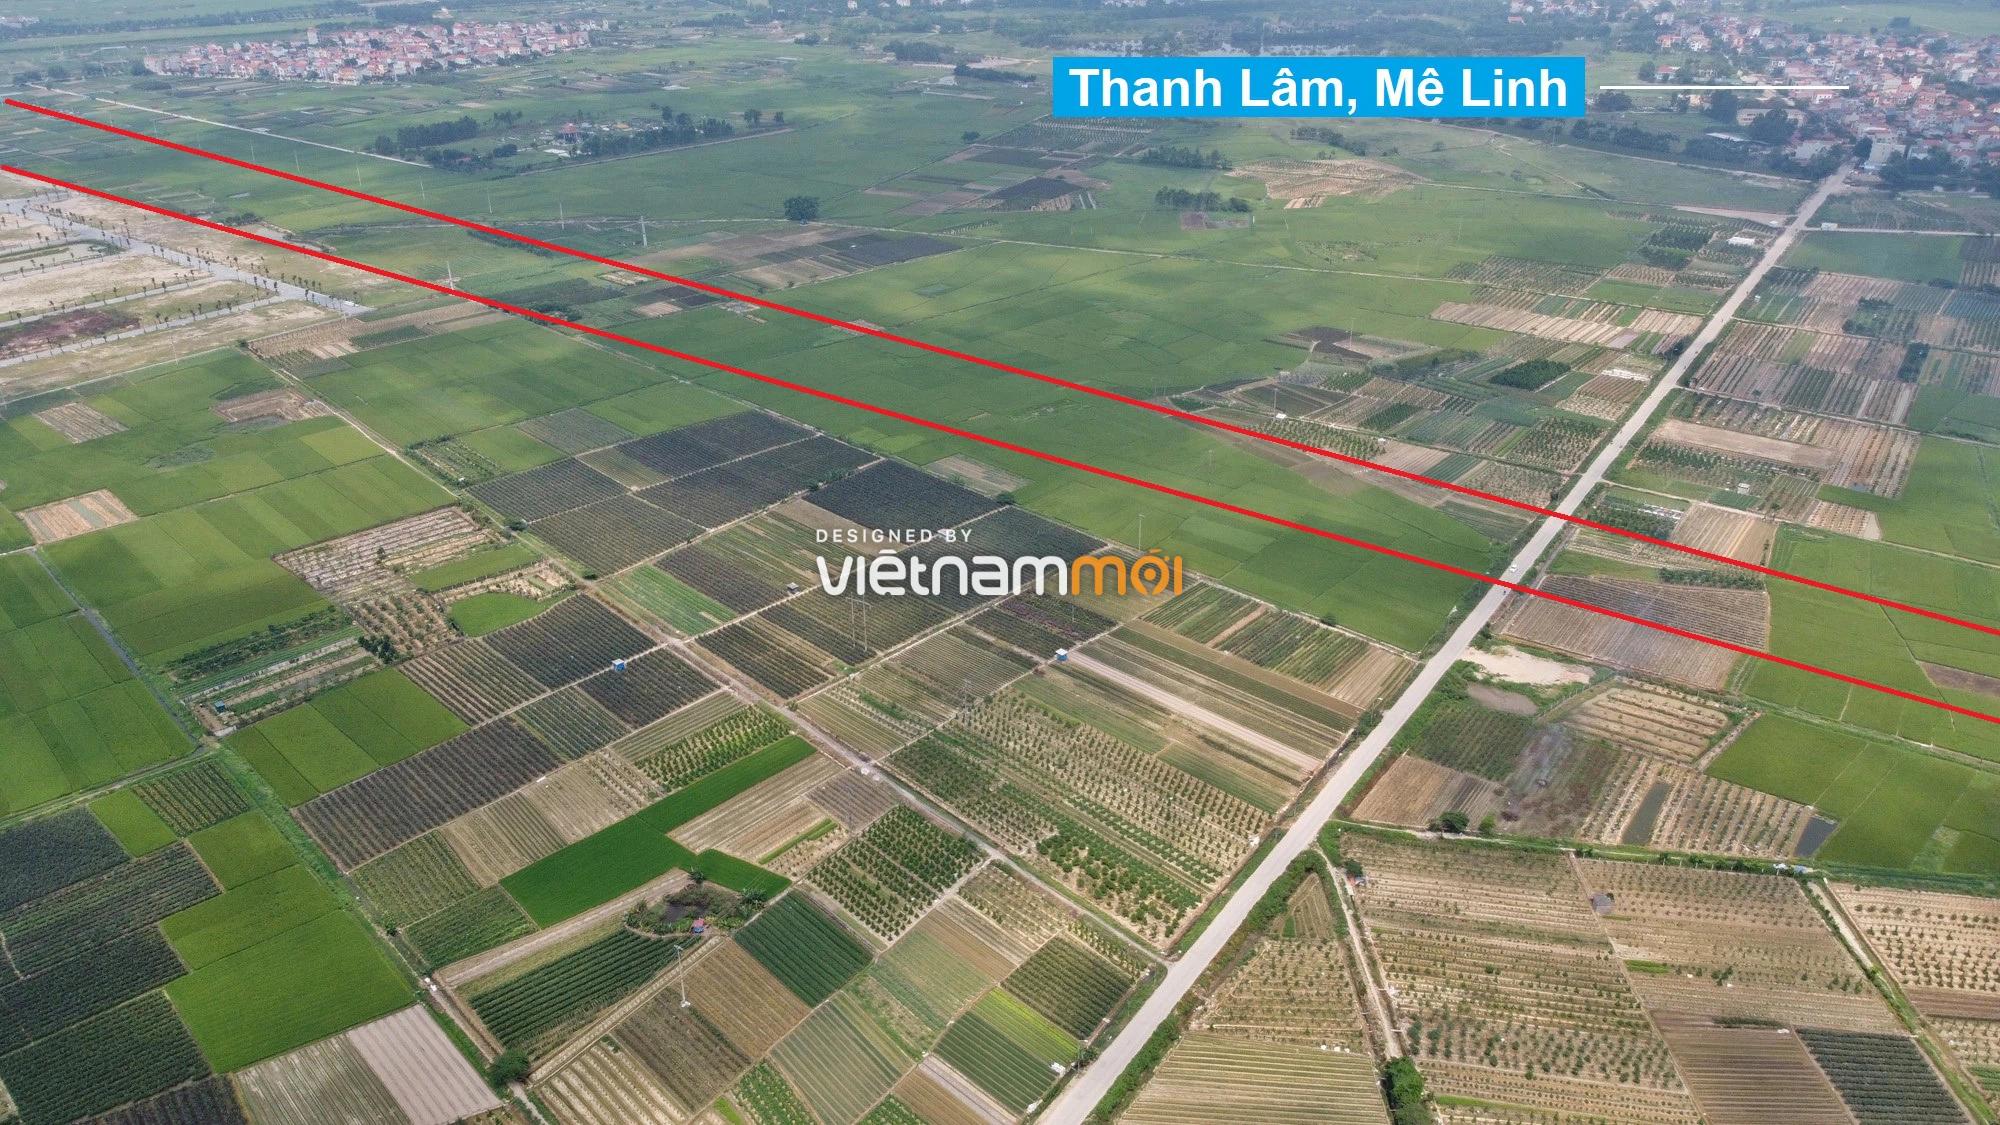 Đường Vành đai 4 sẽ mở theo quy hoạch qua huyện Mê Linh, Hà Nội - Ảnh 8.